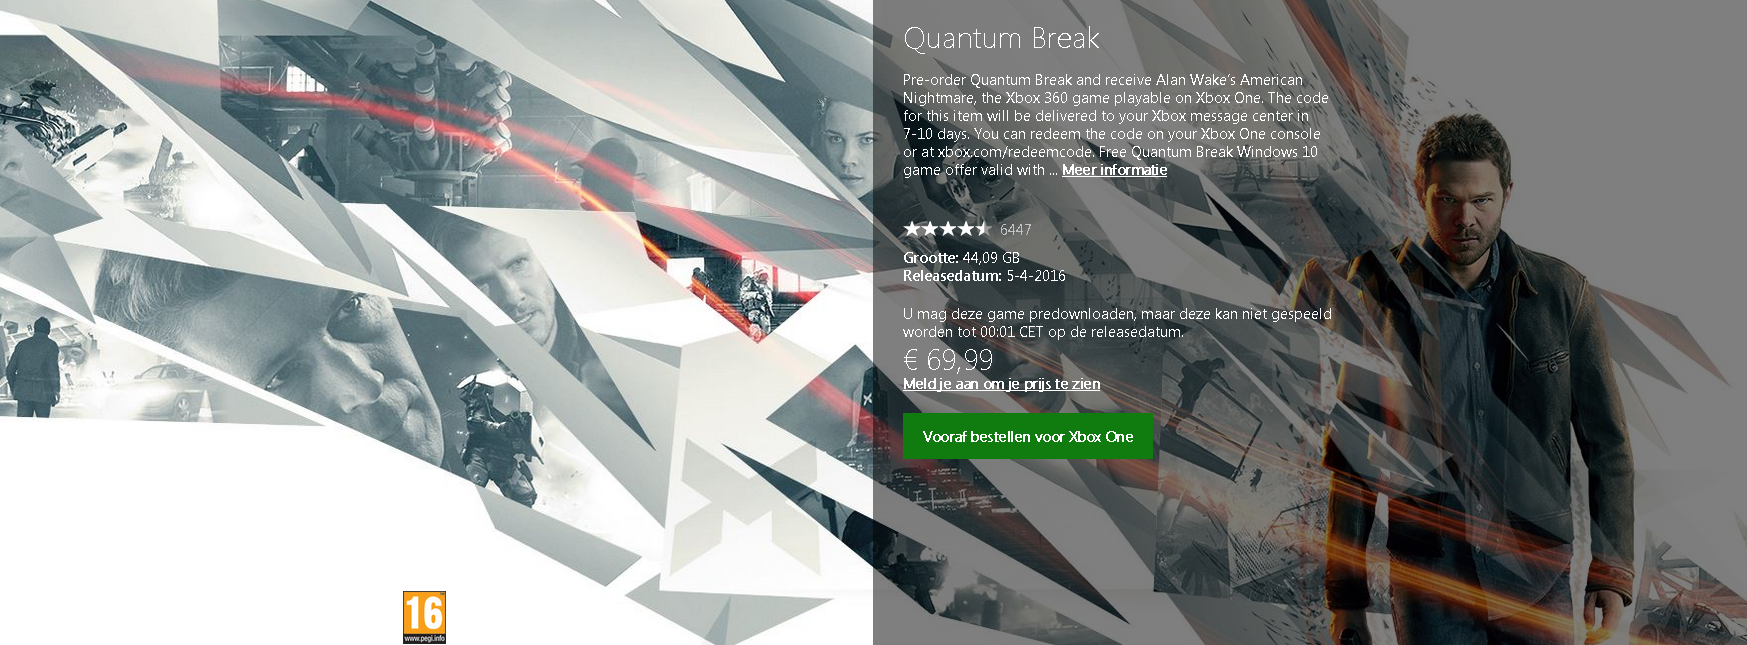 quantumbreak-1